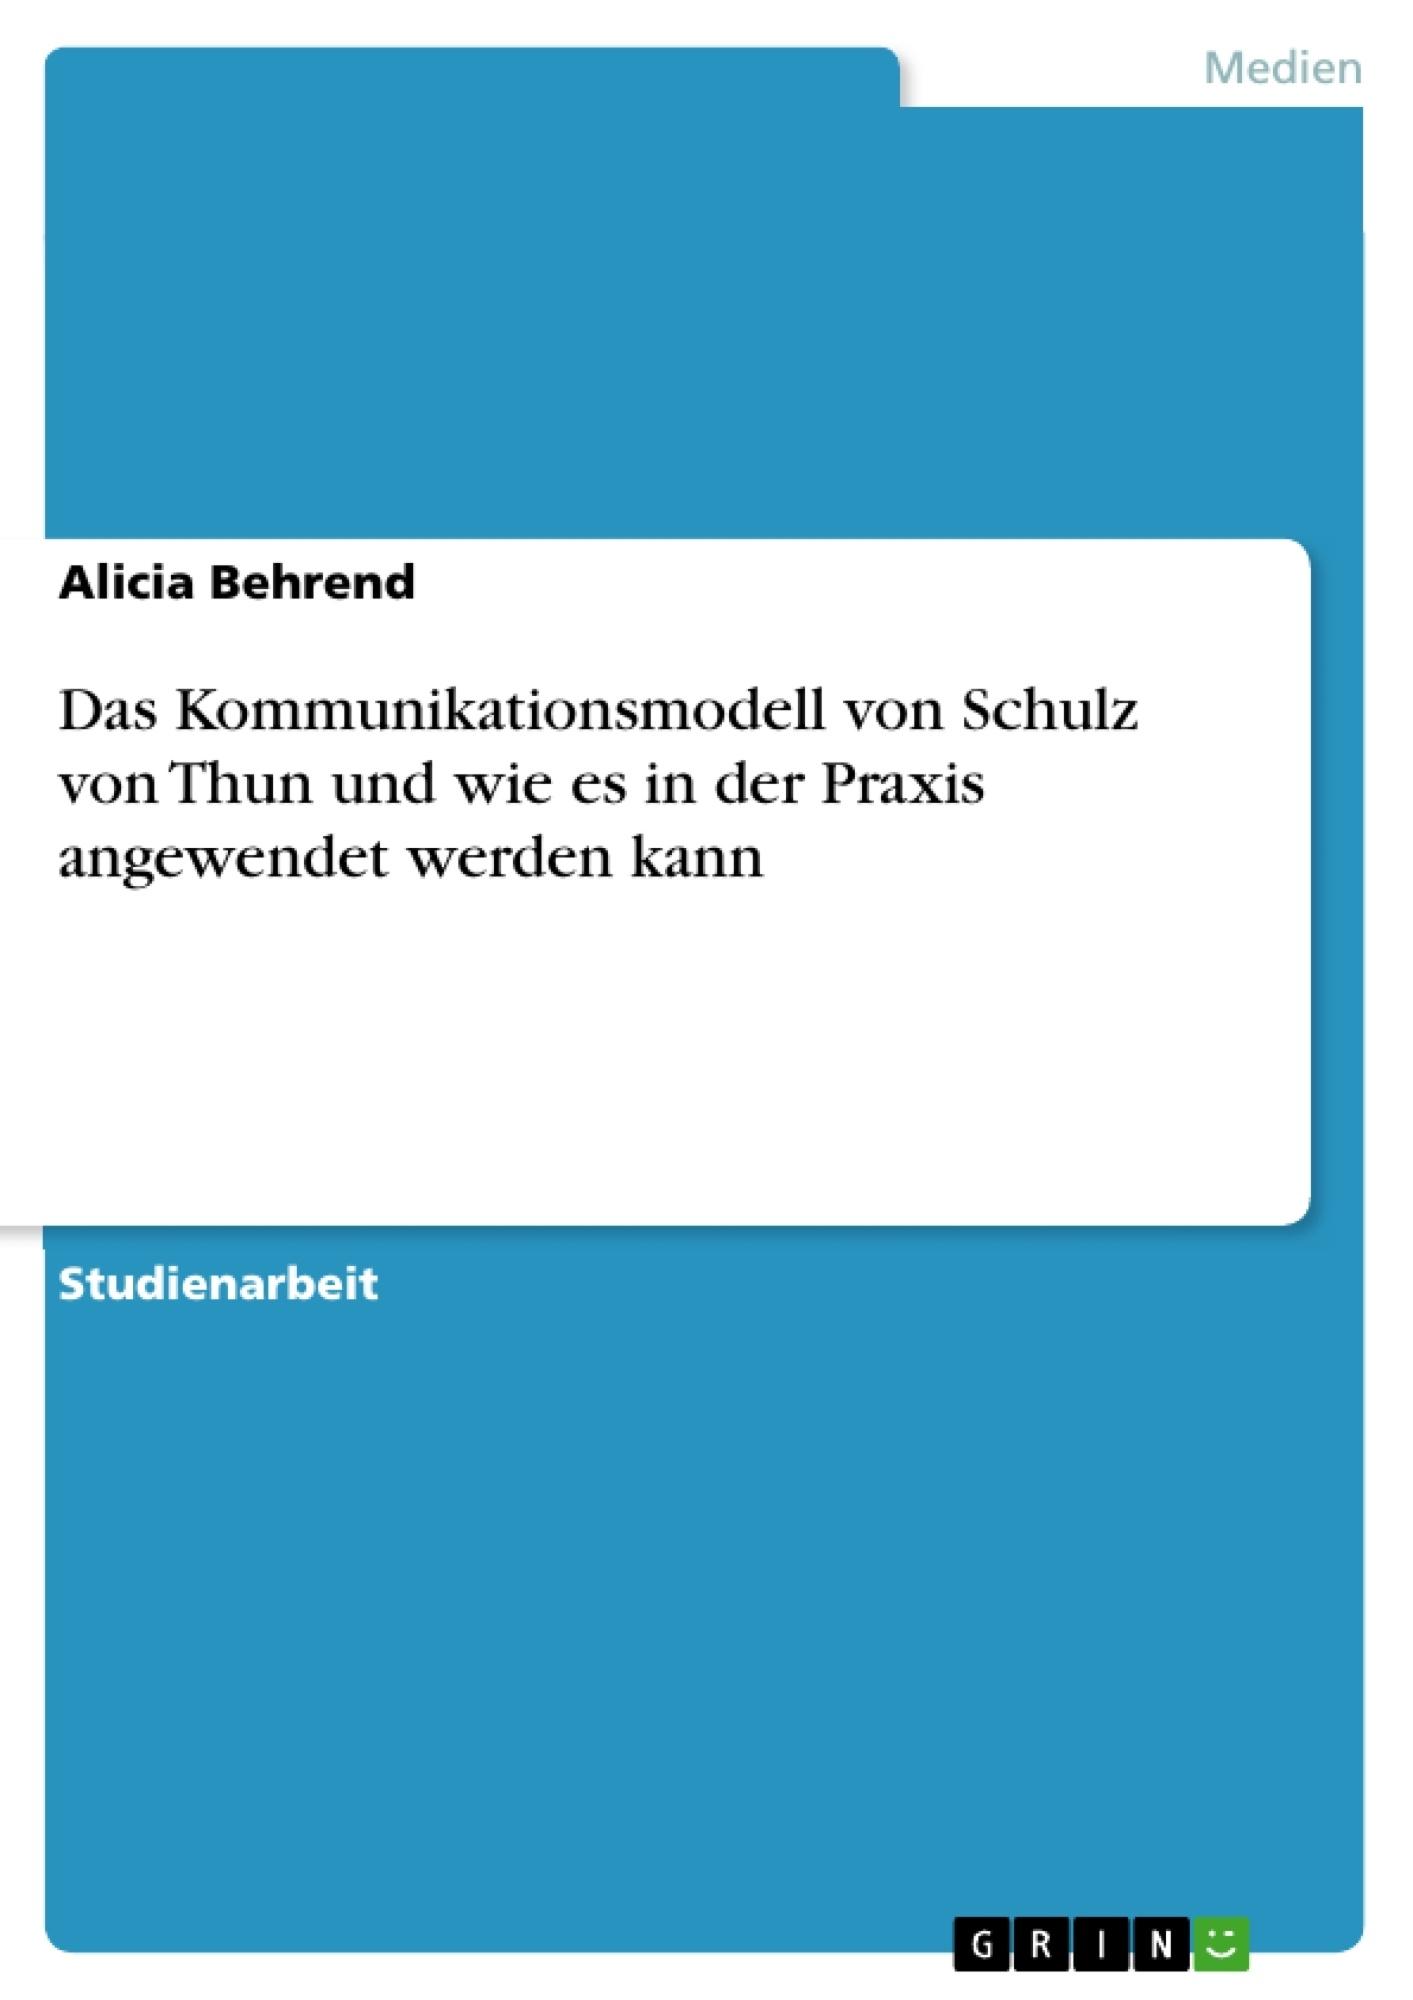 Titel: Das Kommunikationsmodell von Schulz von Thun und wie es in der Praxis  angewendet werden kann